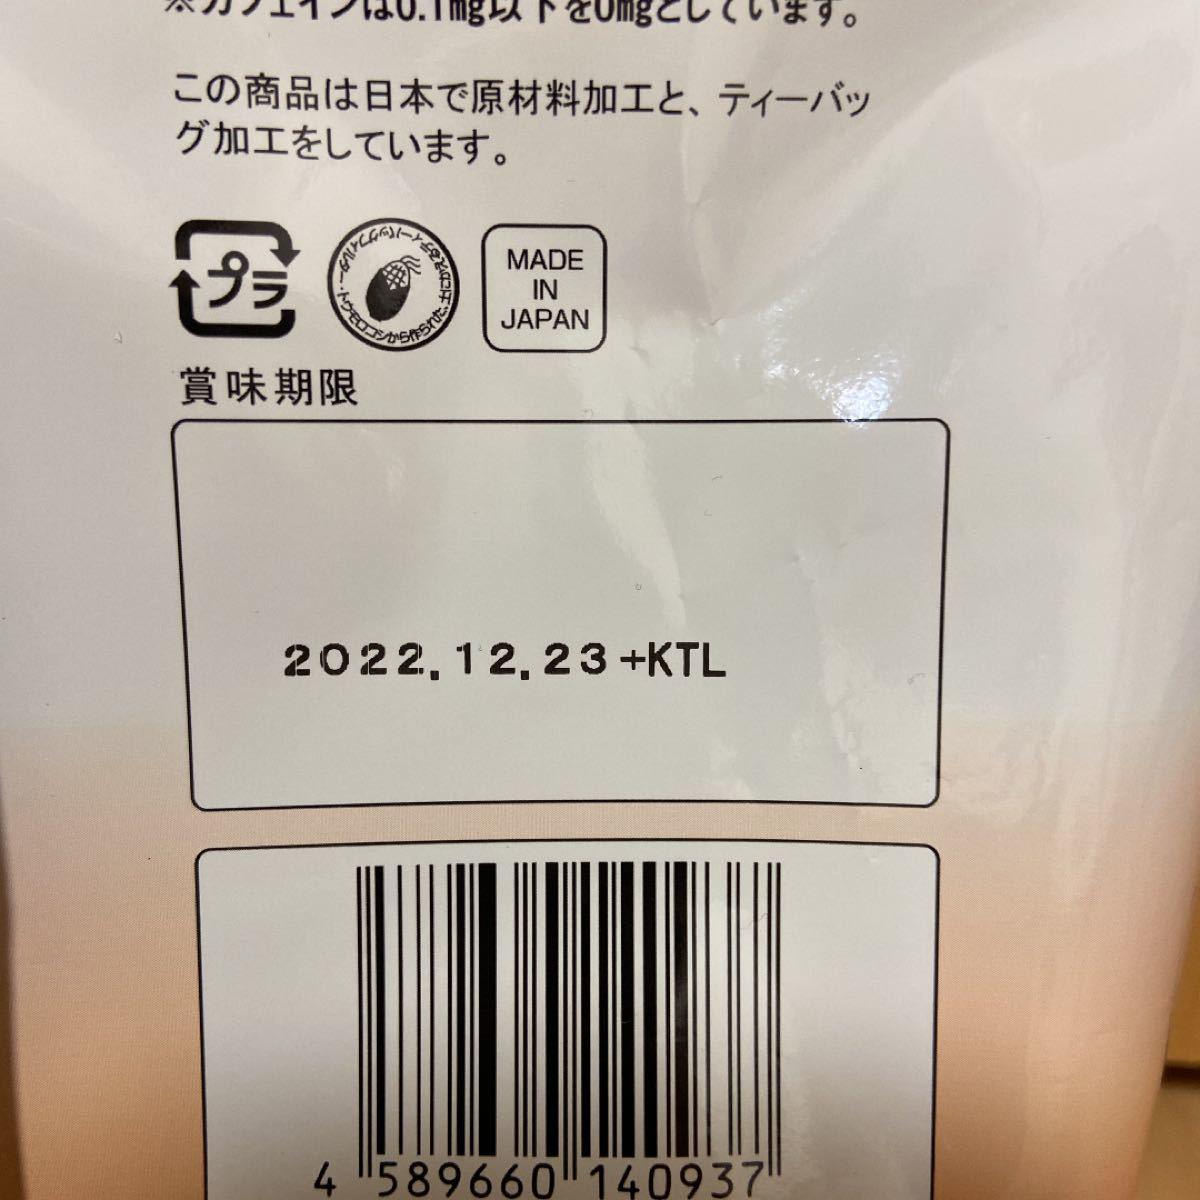 【新品未開封】ルイボスティー ティーライフ 2g×101包